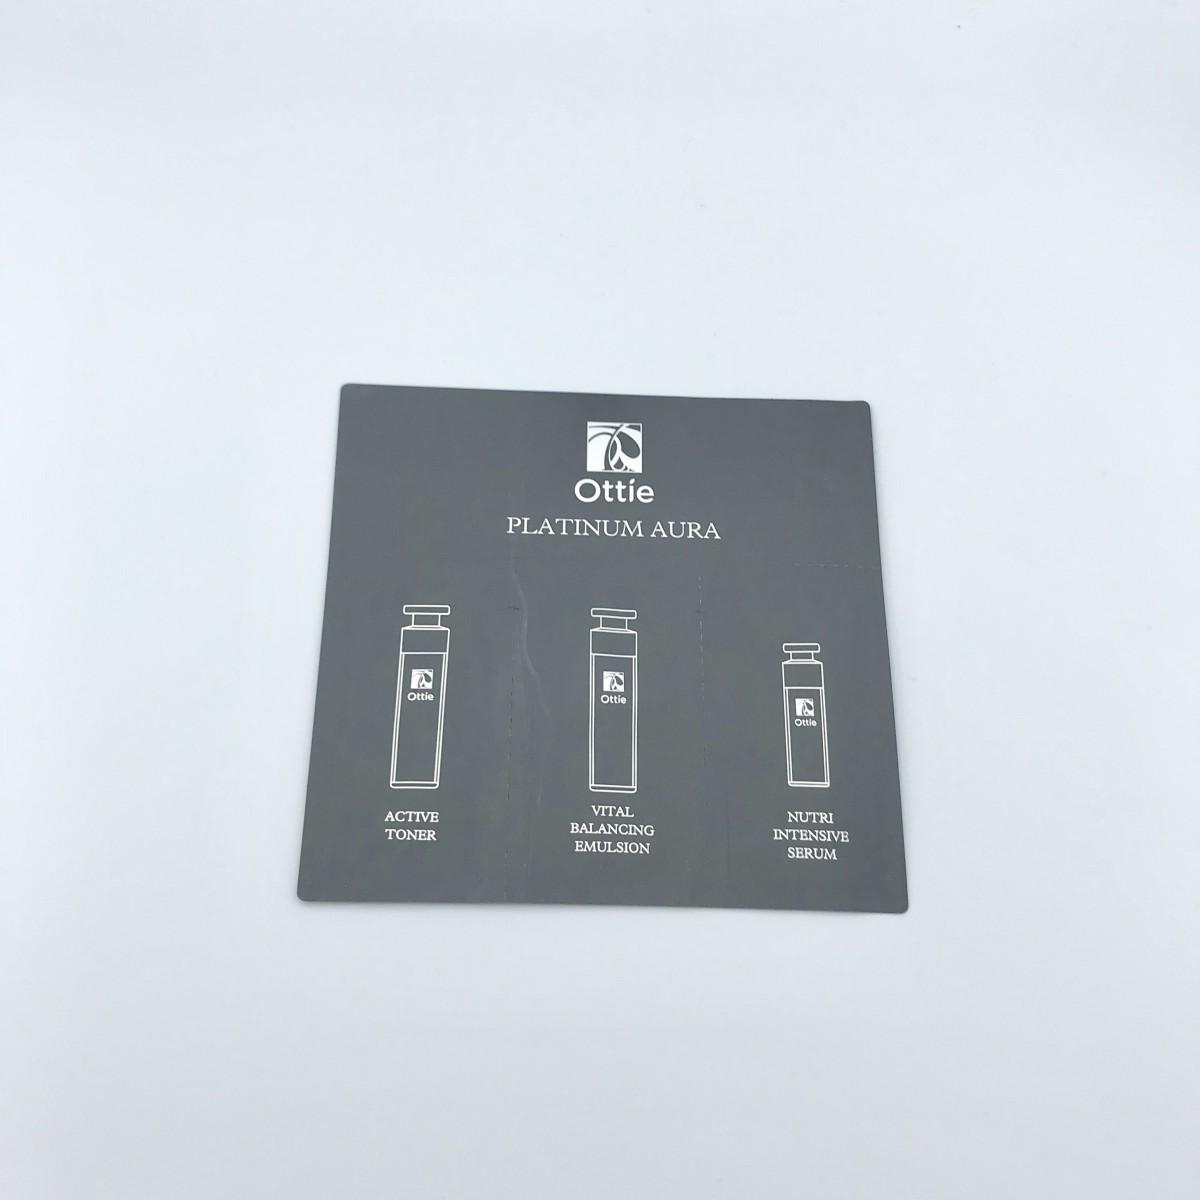 Пробник 3 в 1 антивозрастной тонер, эмульсия, сыворотка с платиной Ottie Platinum Aura